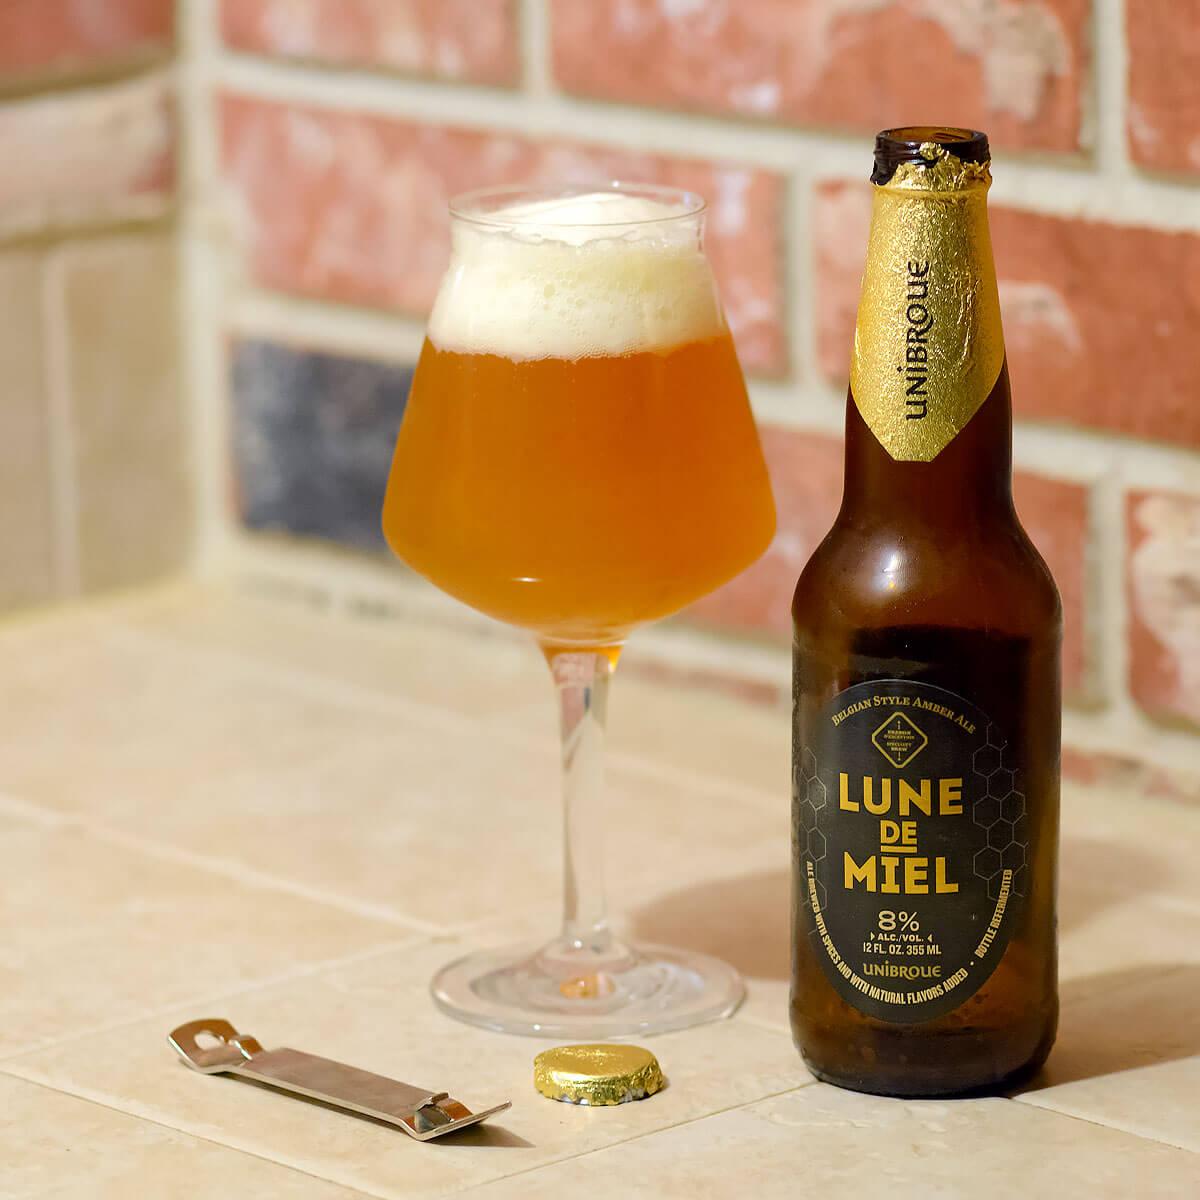 Lune De Miel, a Belgian-style Strong Pale Ale by Unibroue